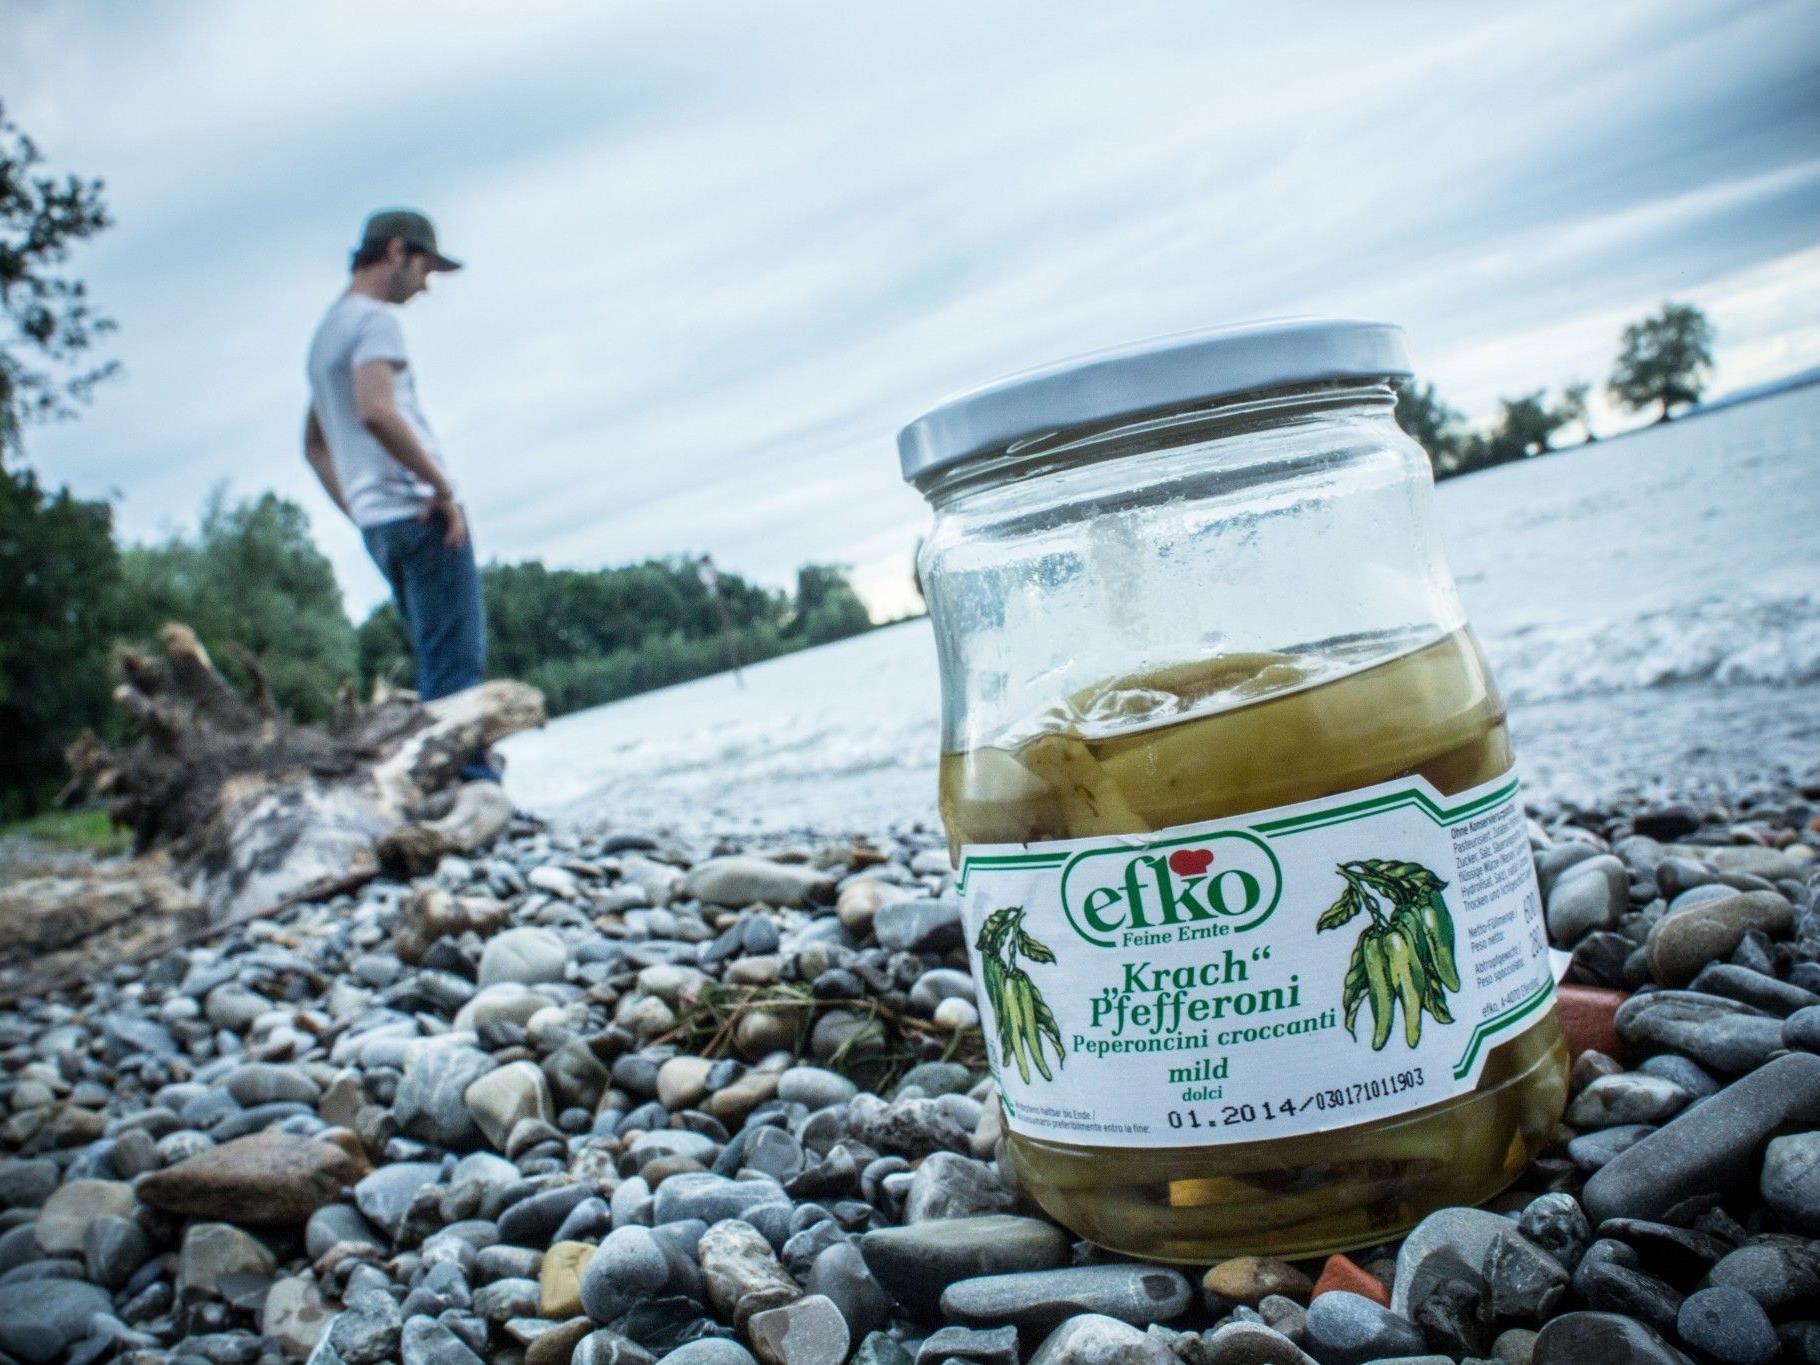 """Ein Glas Pfefferoni war Auslöser für einen beinahe """"ausufernden"""" Streit mit der Bodensee-Security."""